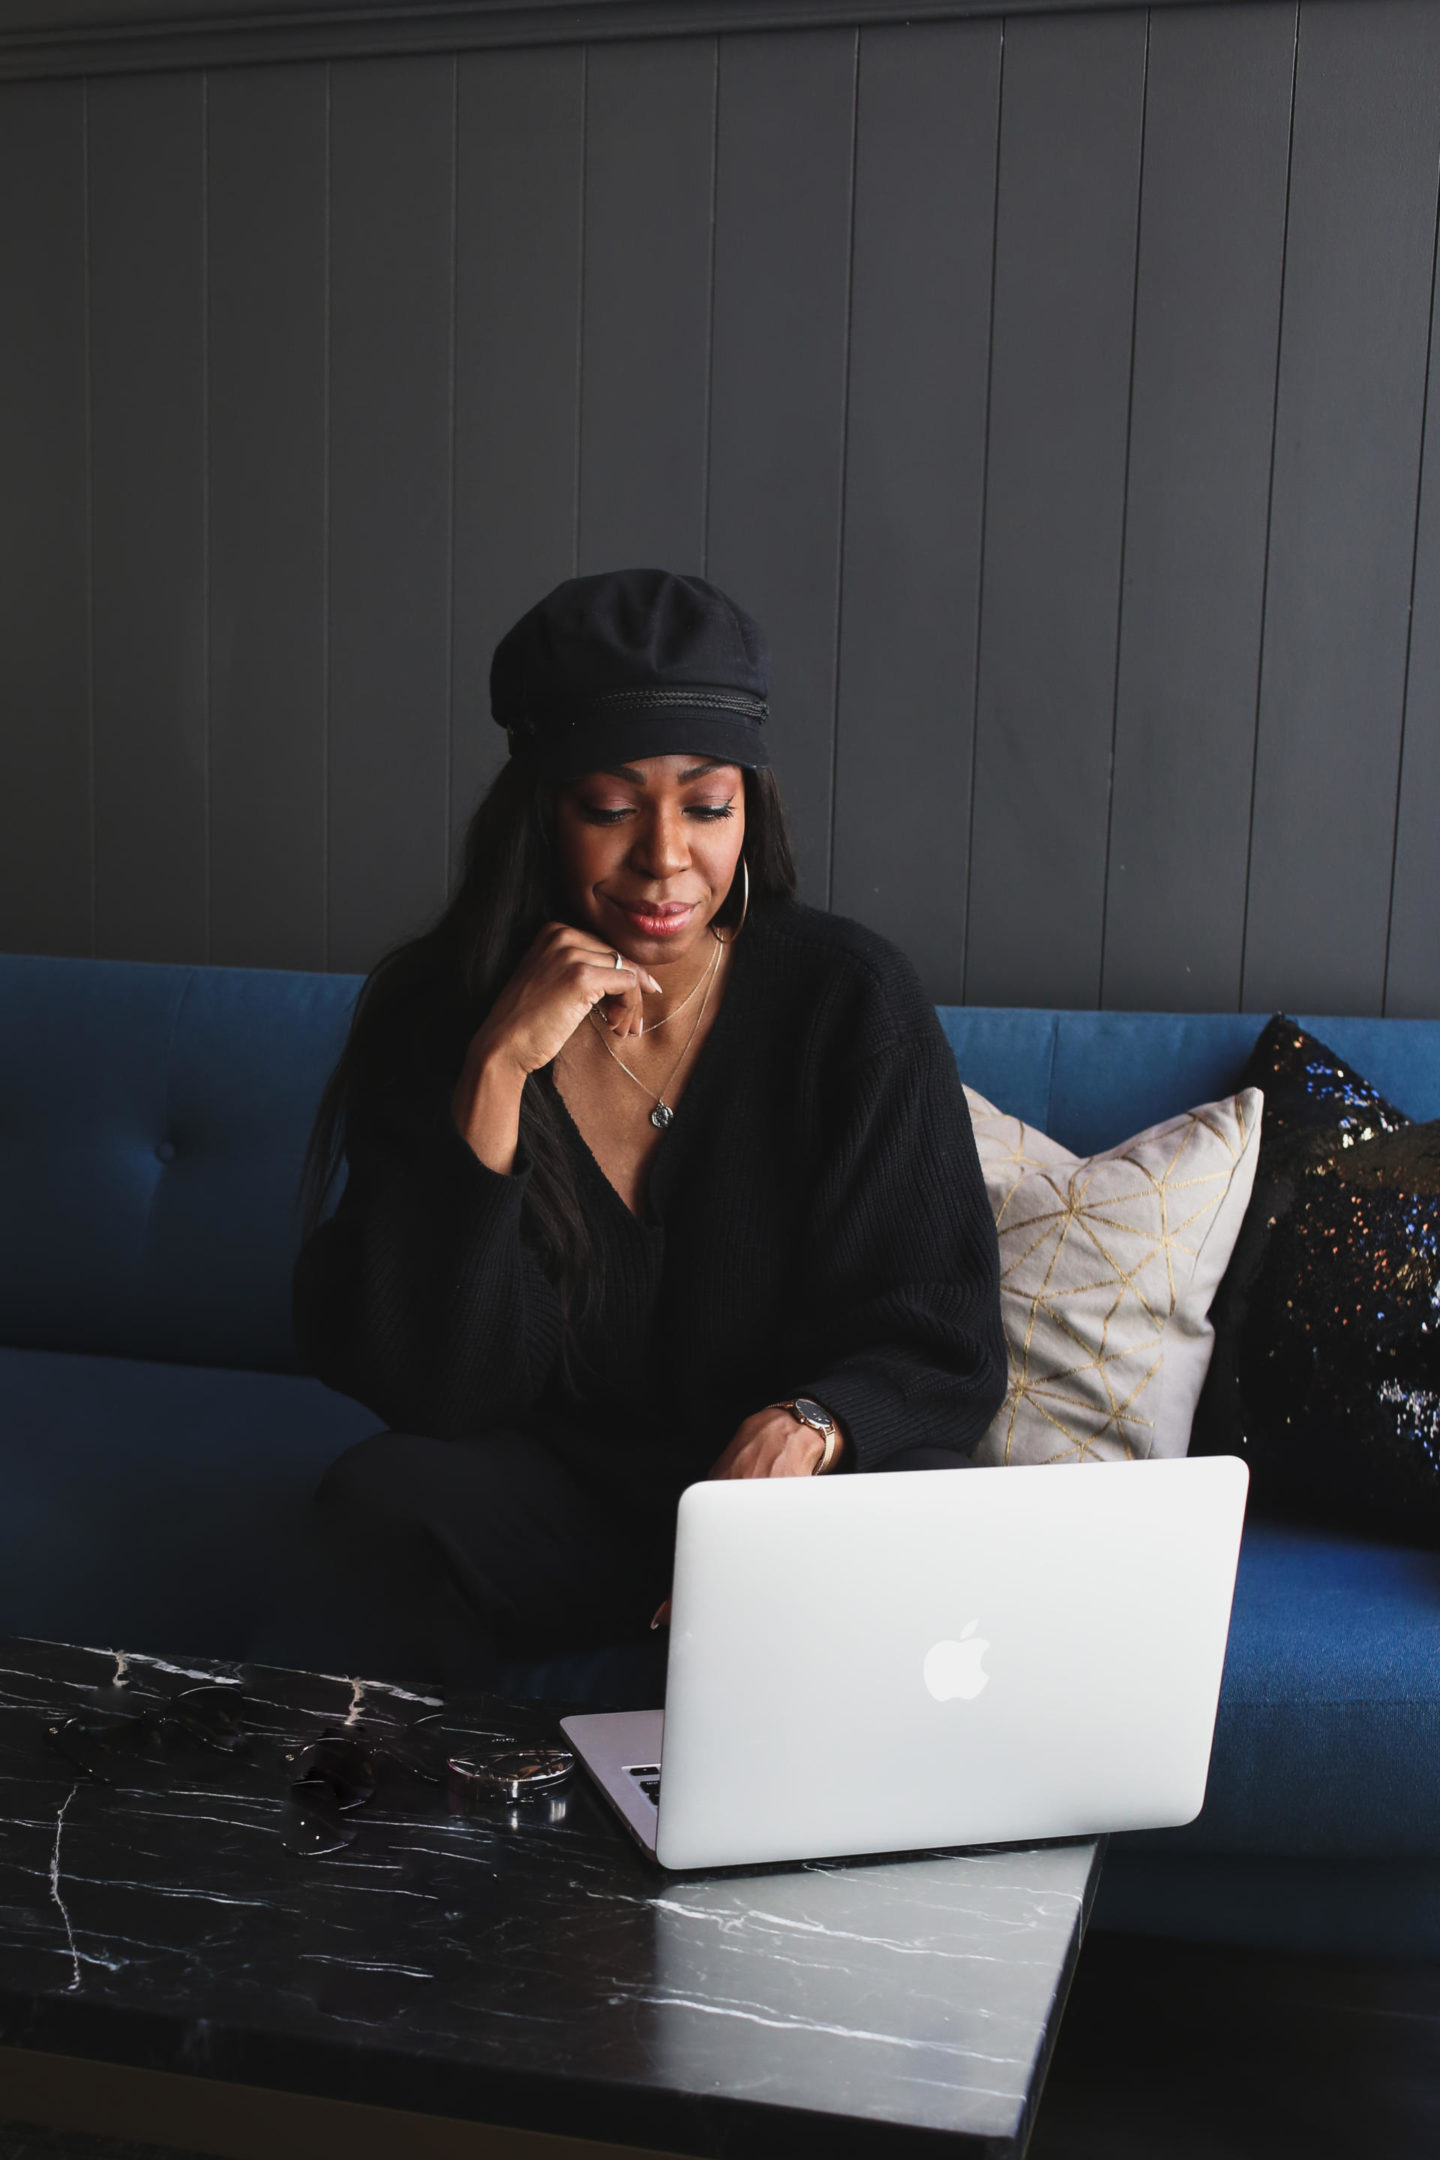 Dominique Baker using Mac Laptop